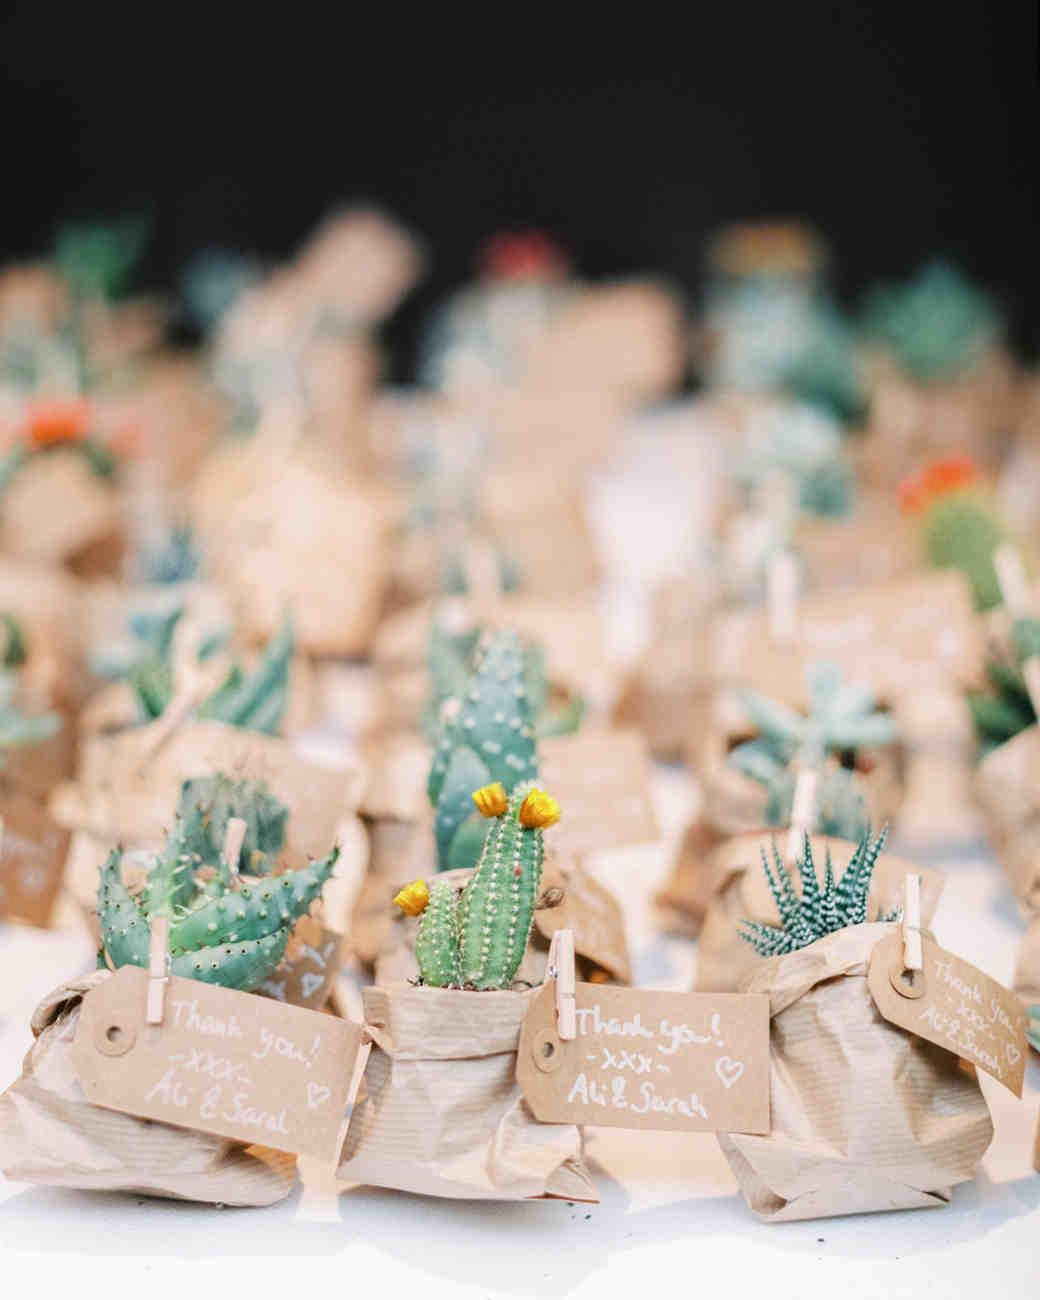 Mini Cactus Wedding Favors in Kraft Paper Bags